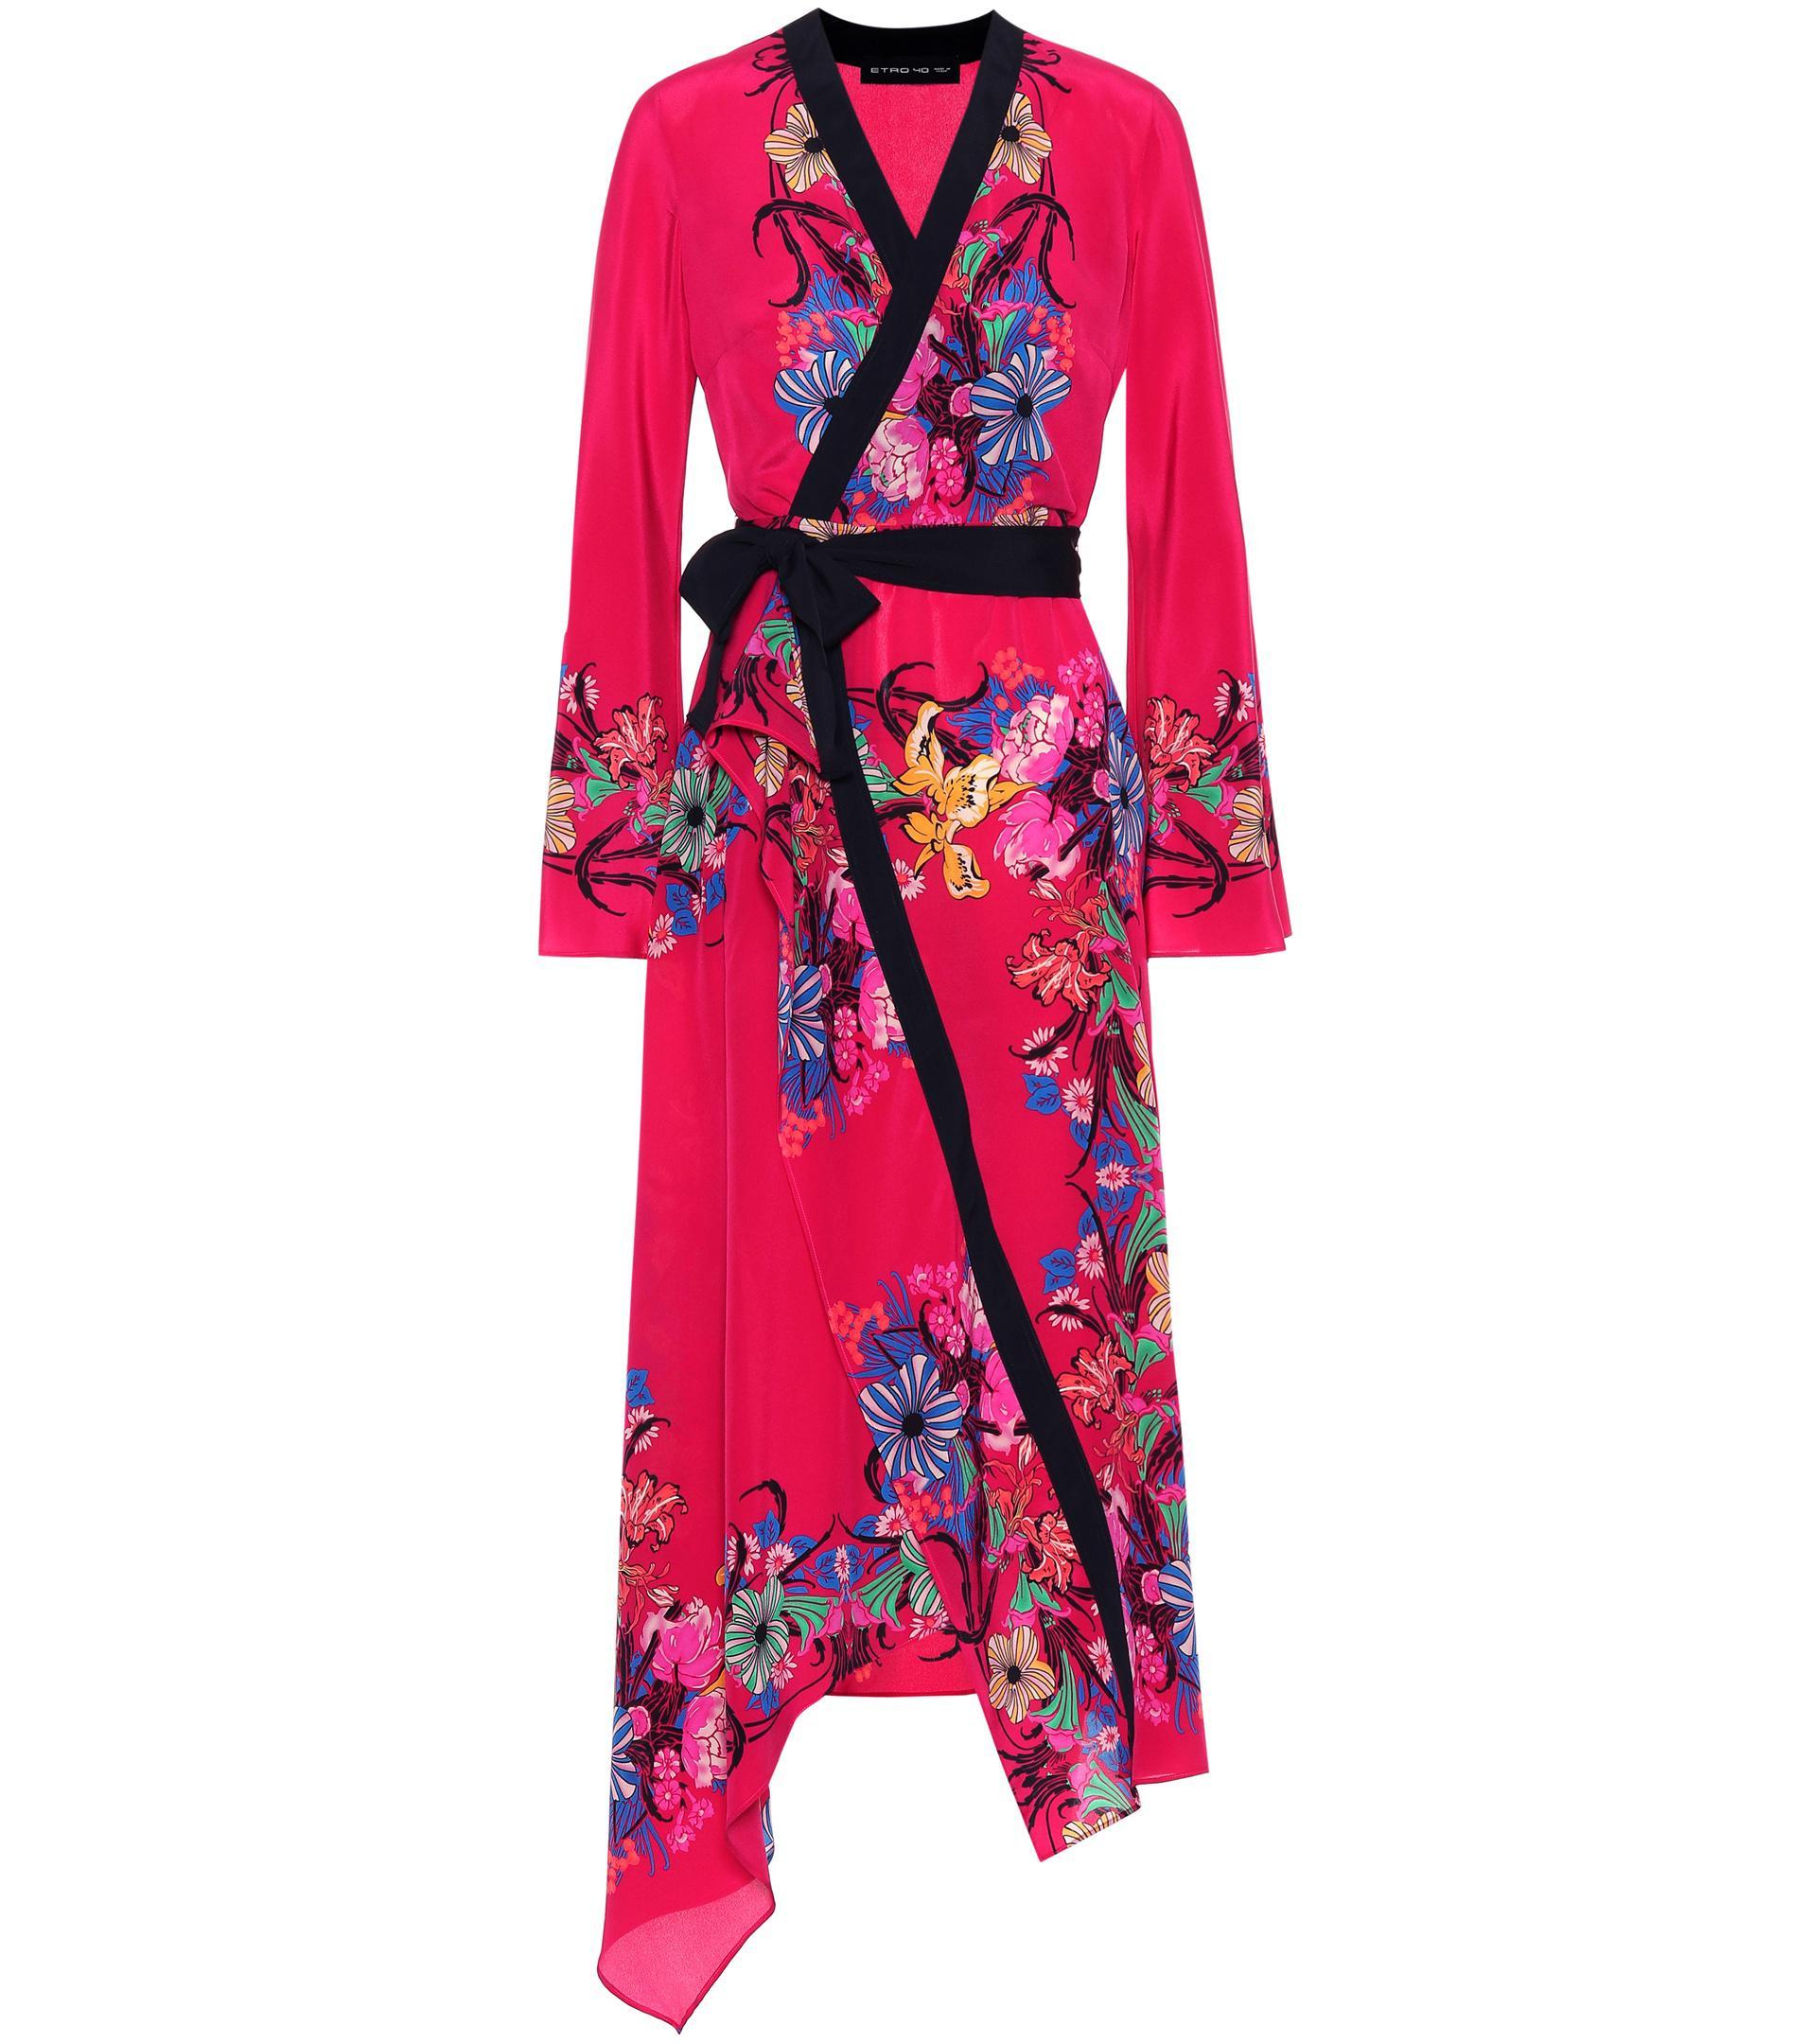 brand new e4da0 e728b Etro Floral Silk Kimono Dress in Pink - Lyst